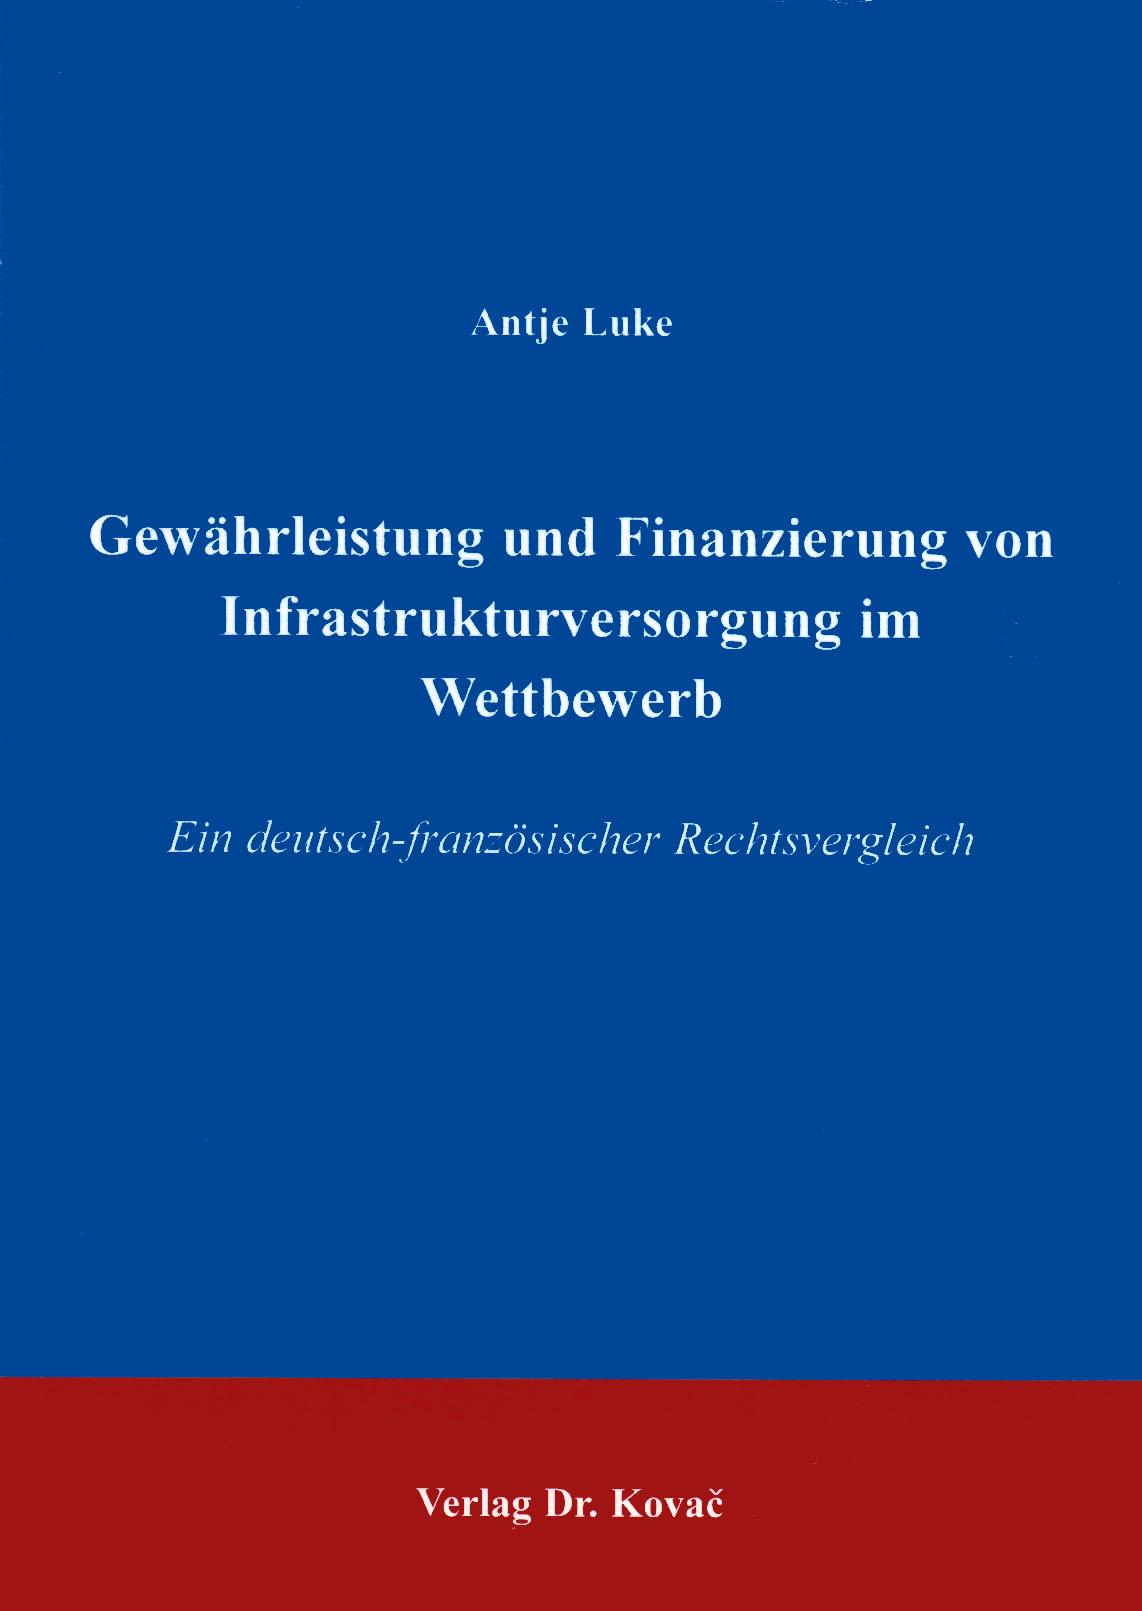 Cover: Gewährleistung und Finanzierung von Infrastrukturversorgung im Wettbewerb